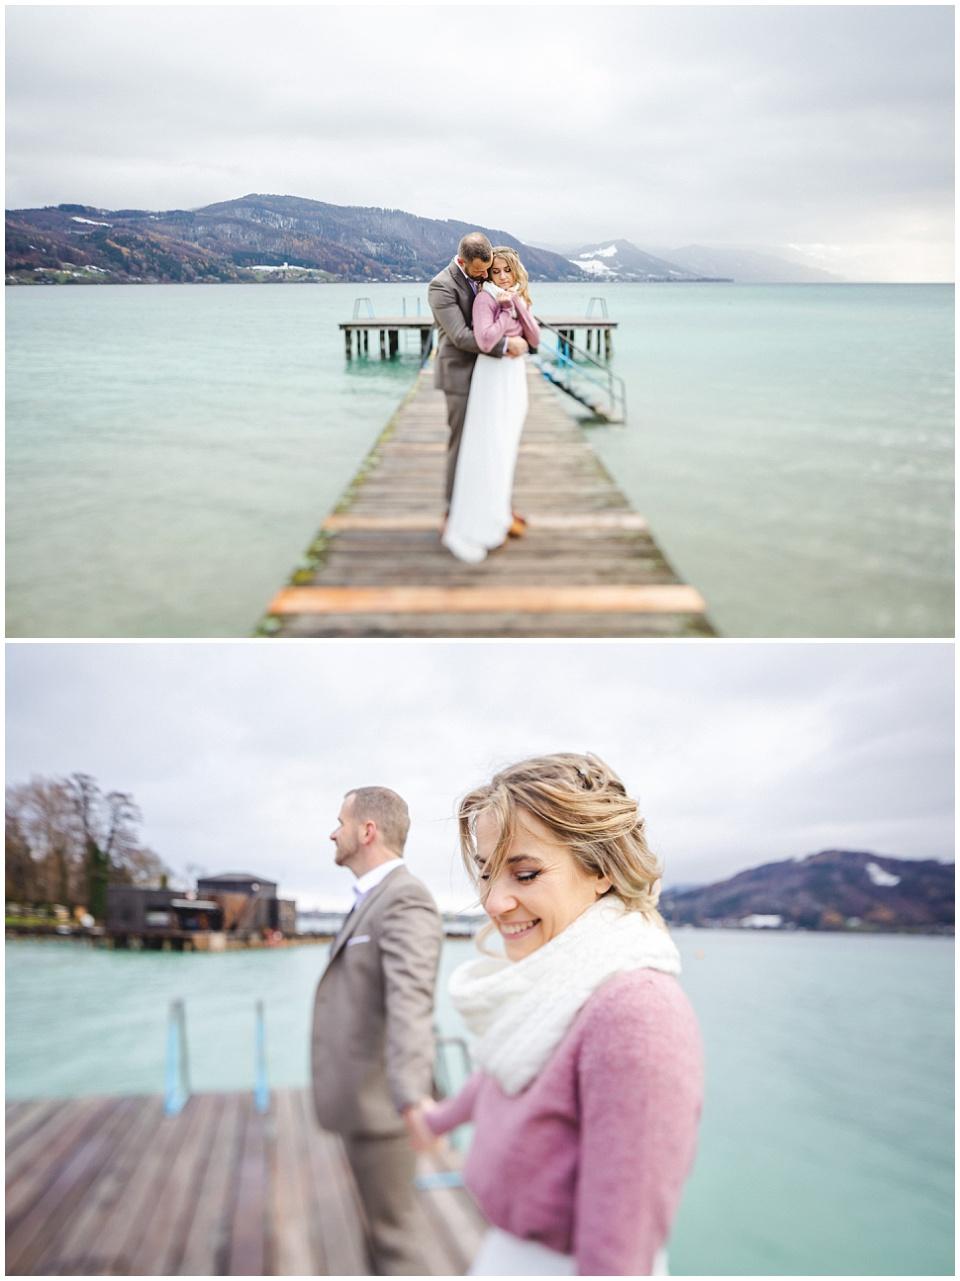 Hochzeitsfotograf Attersee